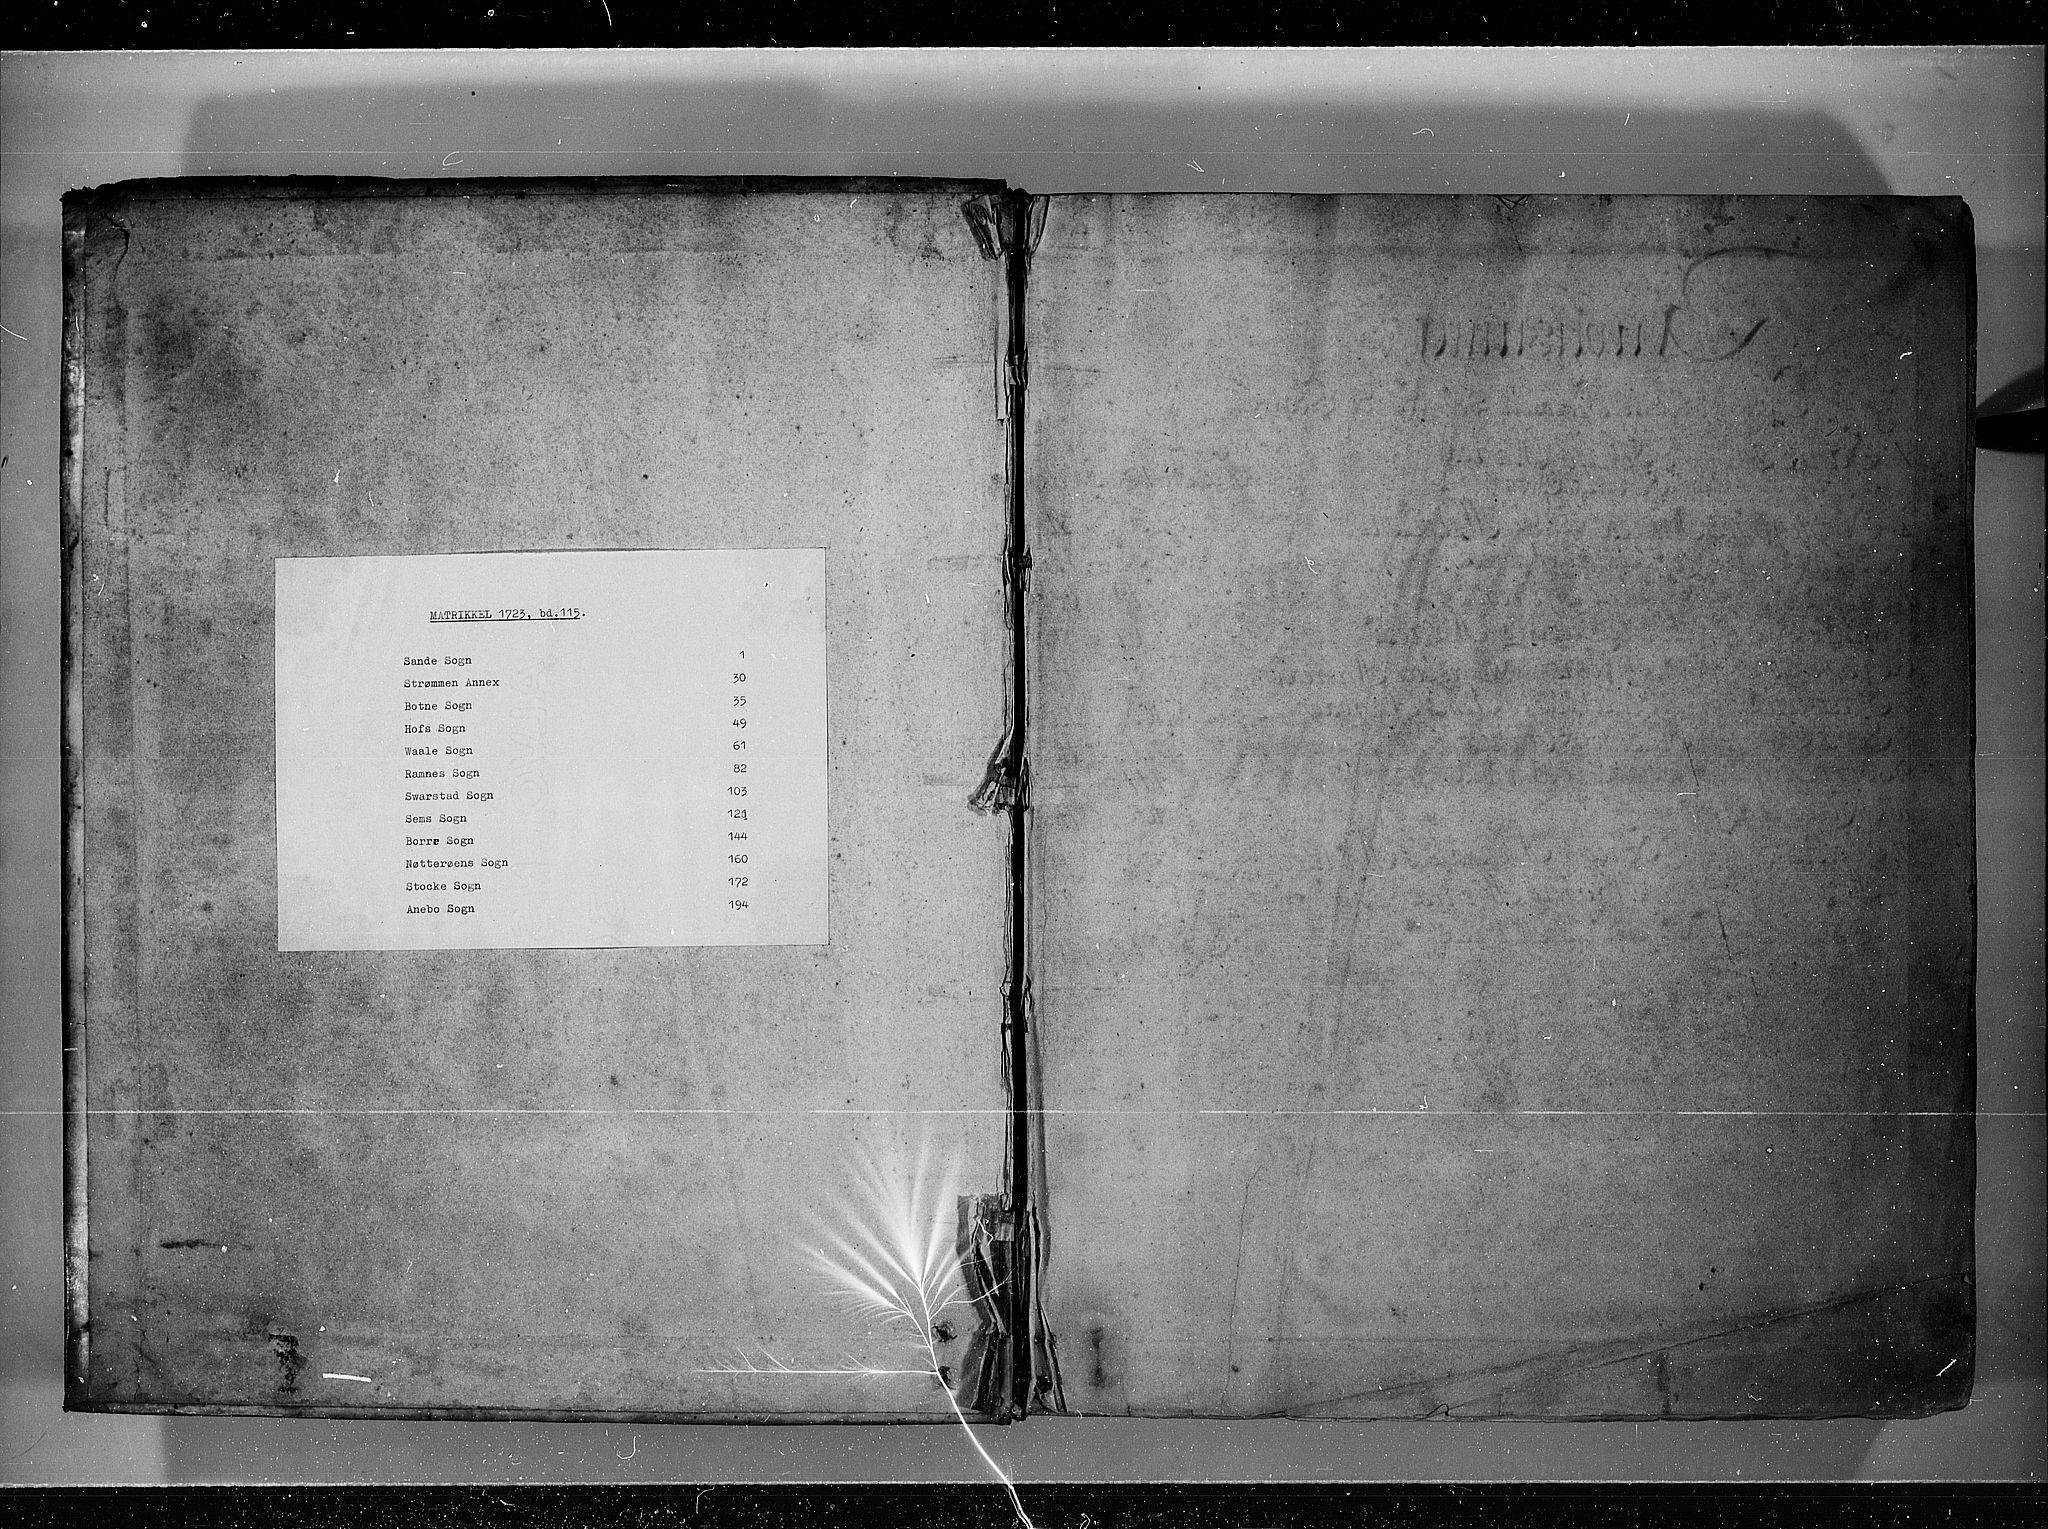 RA, Rentekammeret inntil 1814, Realistisk ordnet avdeling, N/Nb/Nbf/L0115: Jarlsberg grevskap eksaminasjonsprotokoll, 1723, s. upaginert